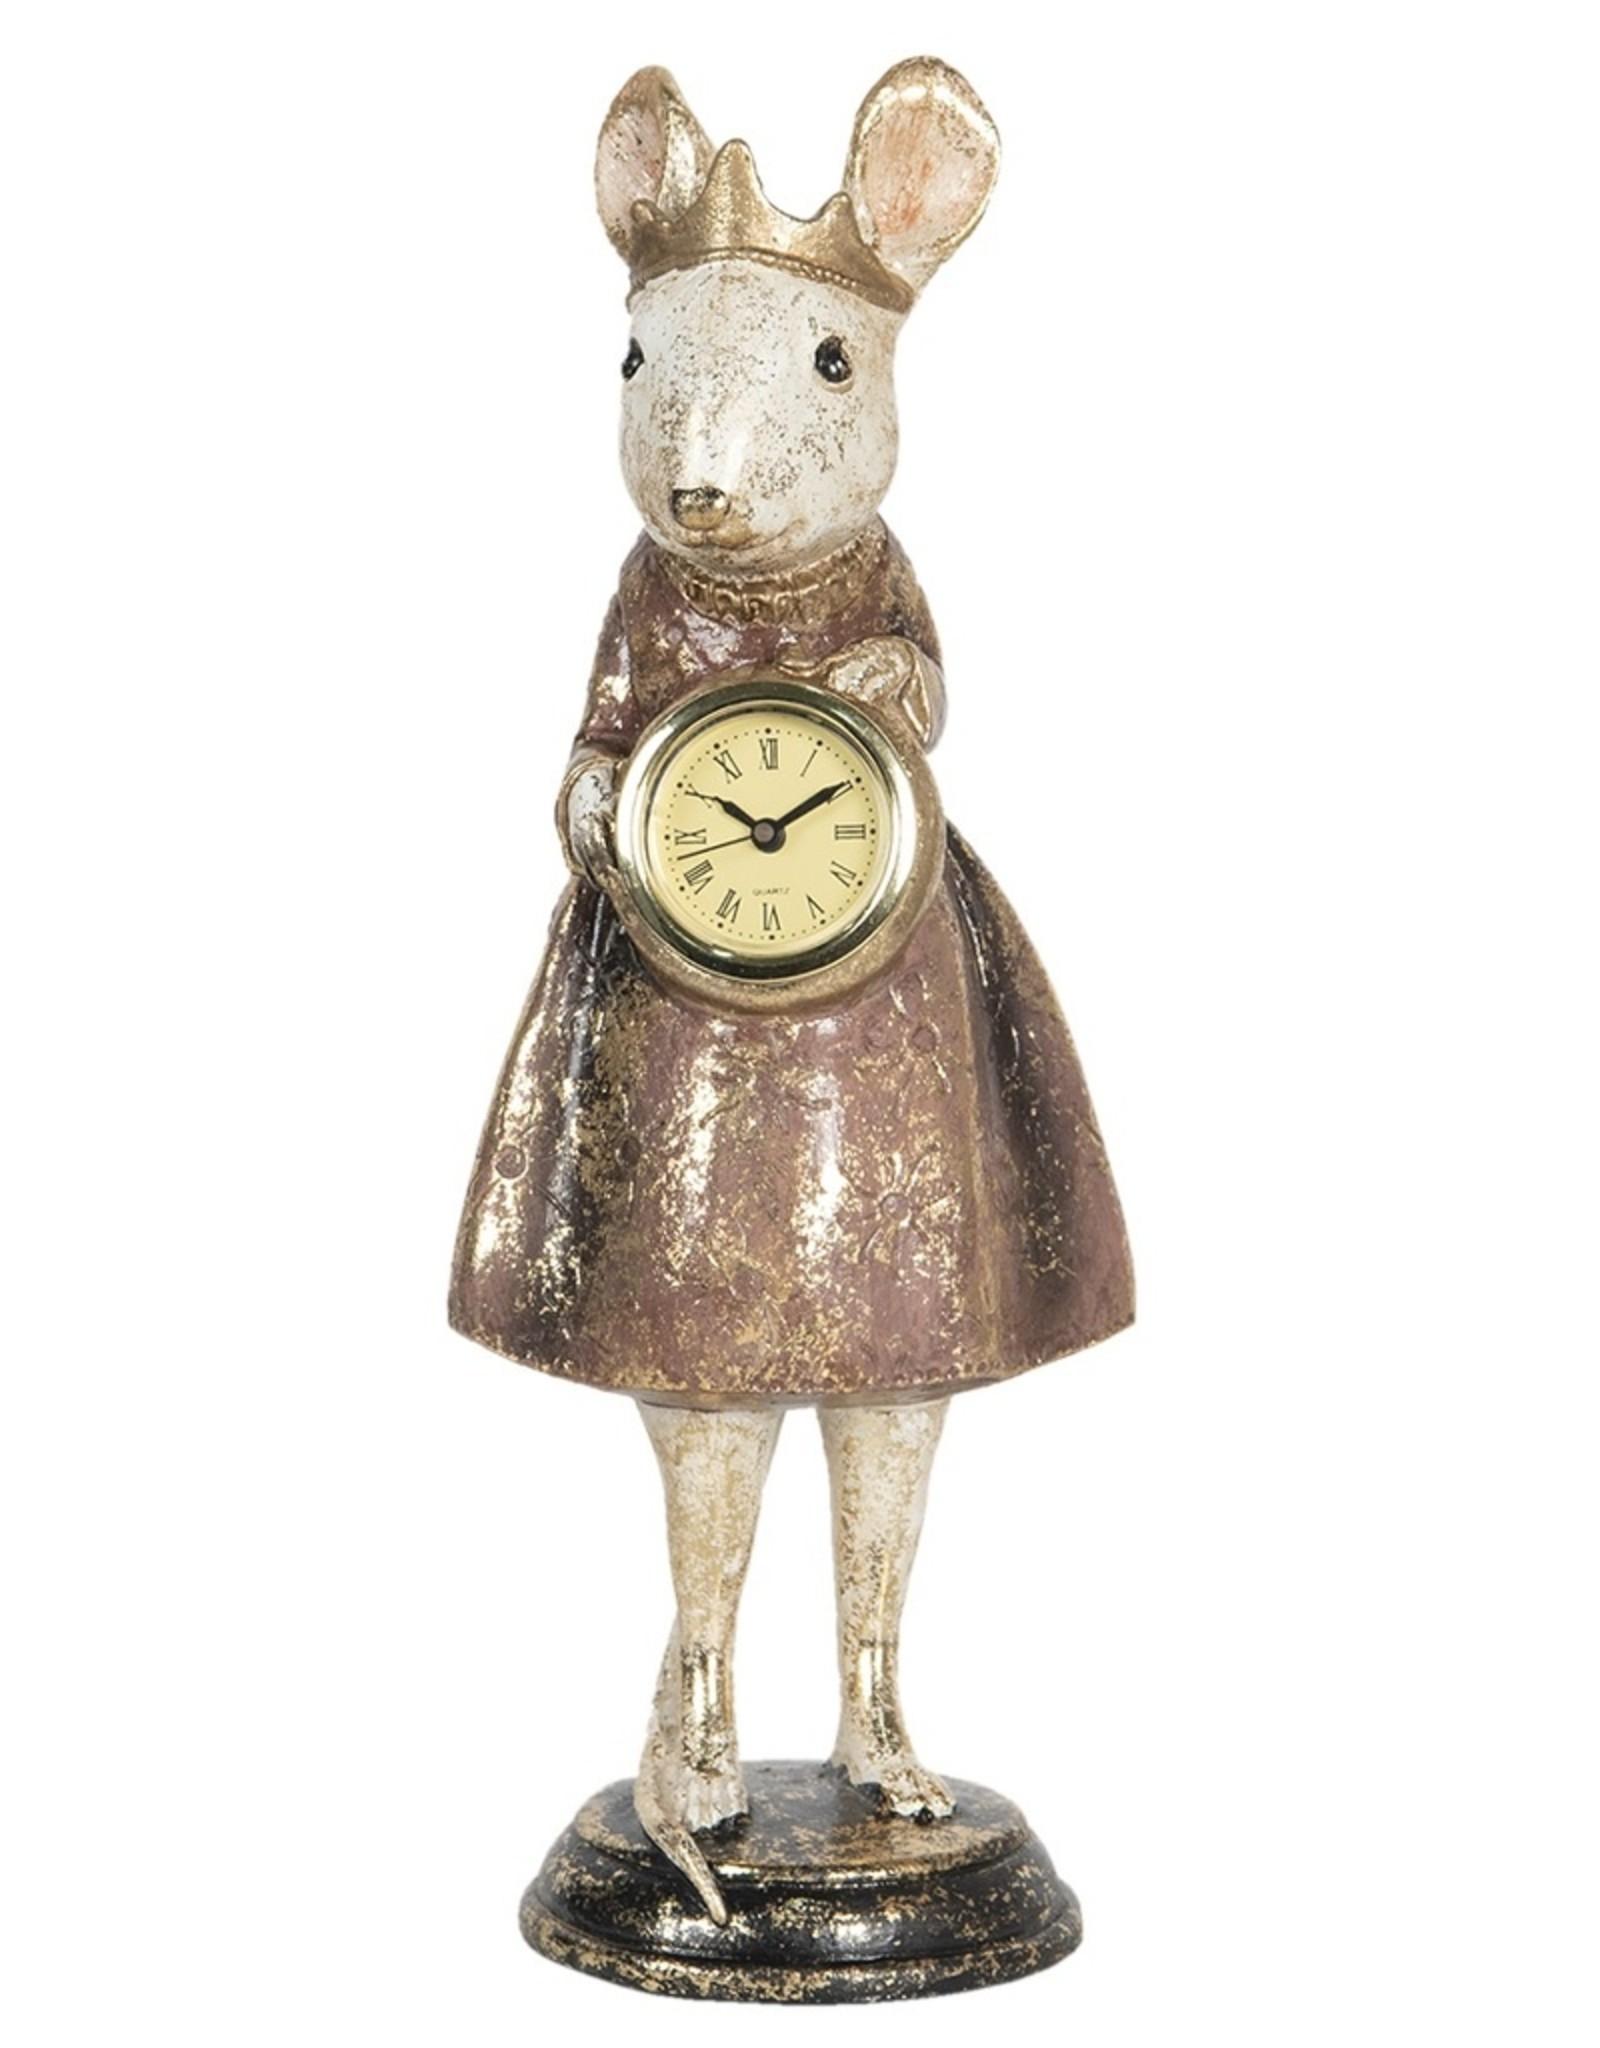 Muis Princess met Klok beeldje Giftware Beelden Collectables - Muis Princes met Klok beeldje 30cm